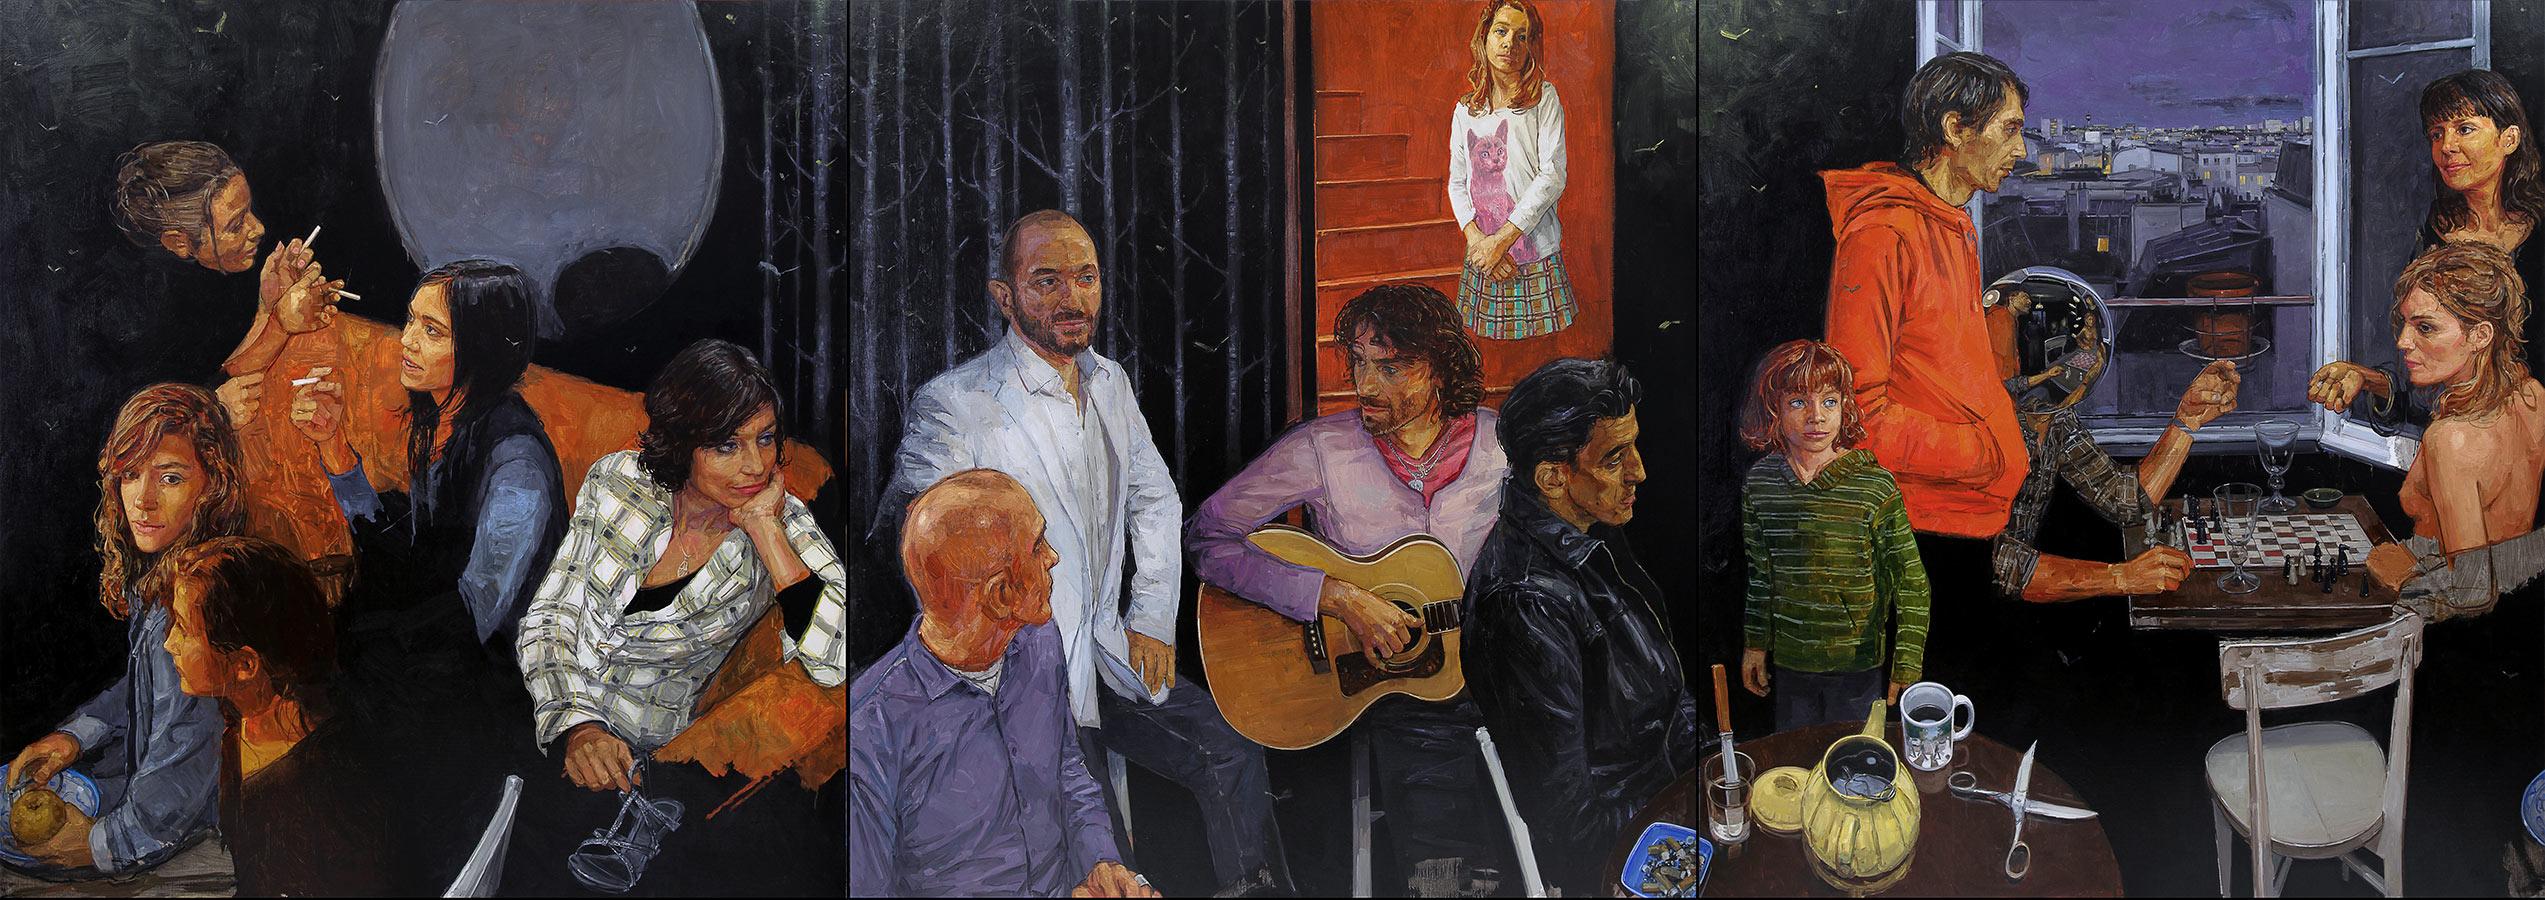 Le salon noir. Polyptyque, 181 x 513 cm, 2009-2010